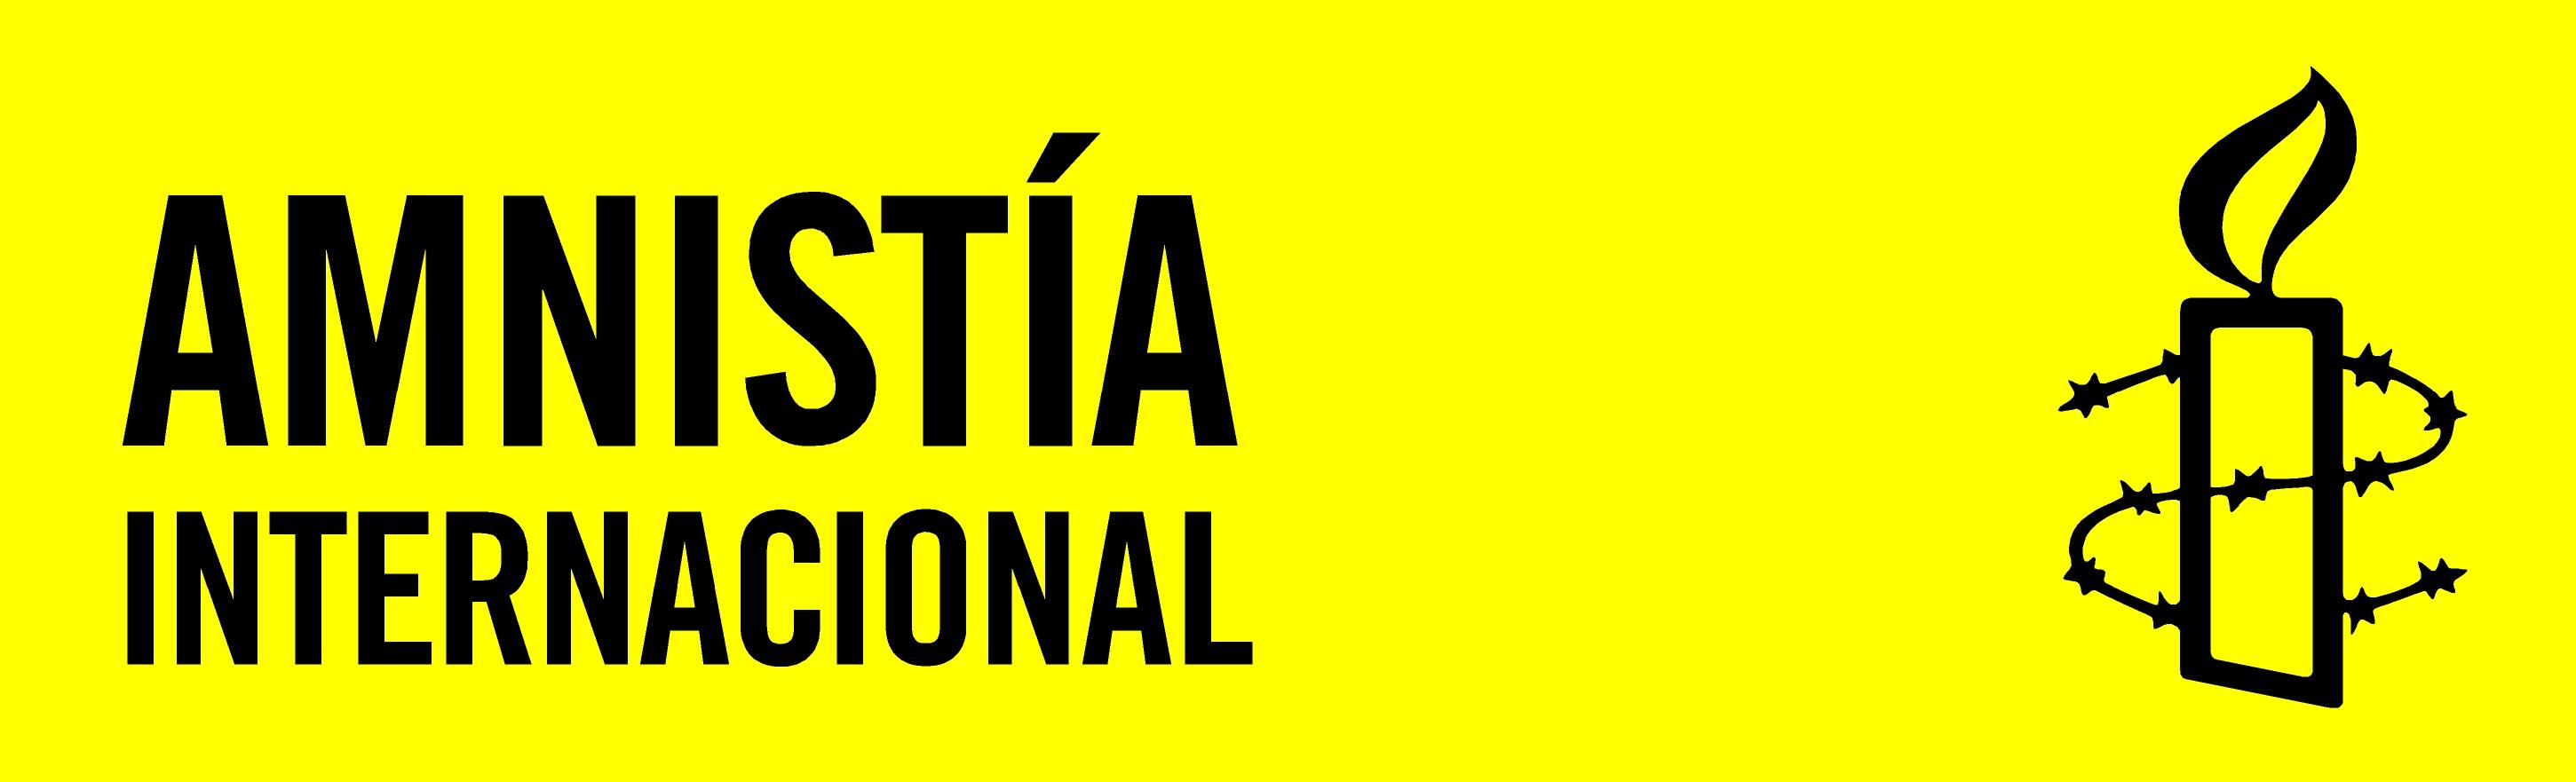 http://efectococuyo.com/wp-content/uploads/2015/11/amnistia-internacional-logo.jpg